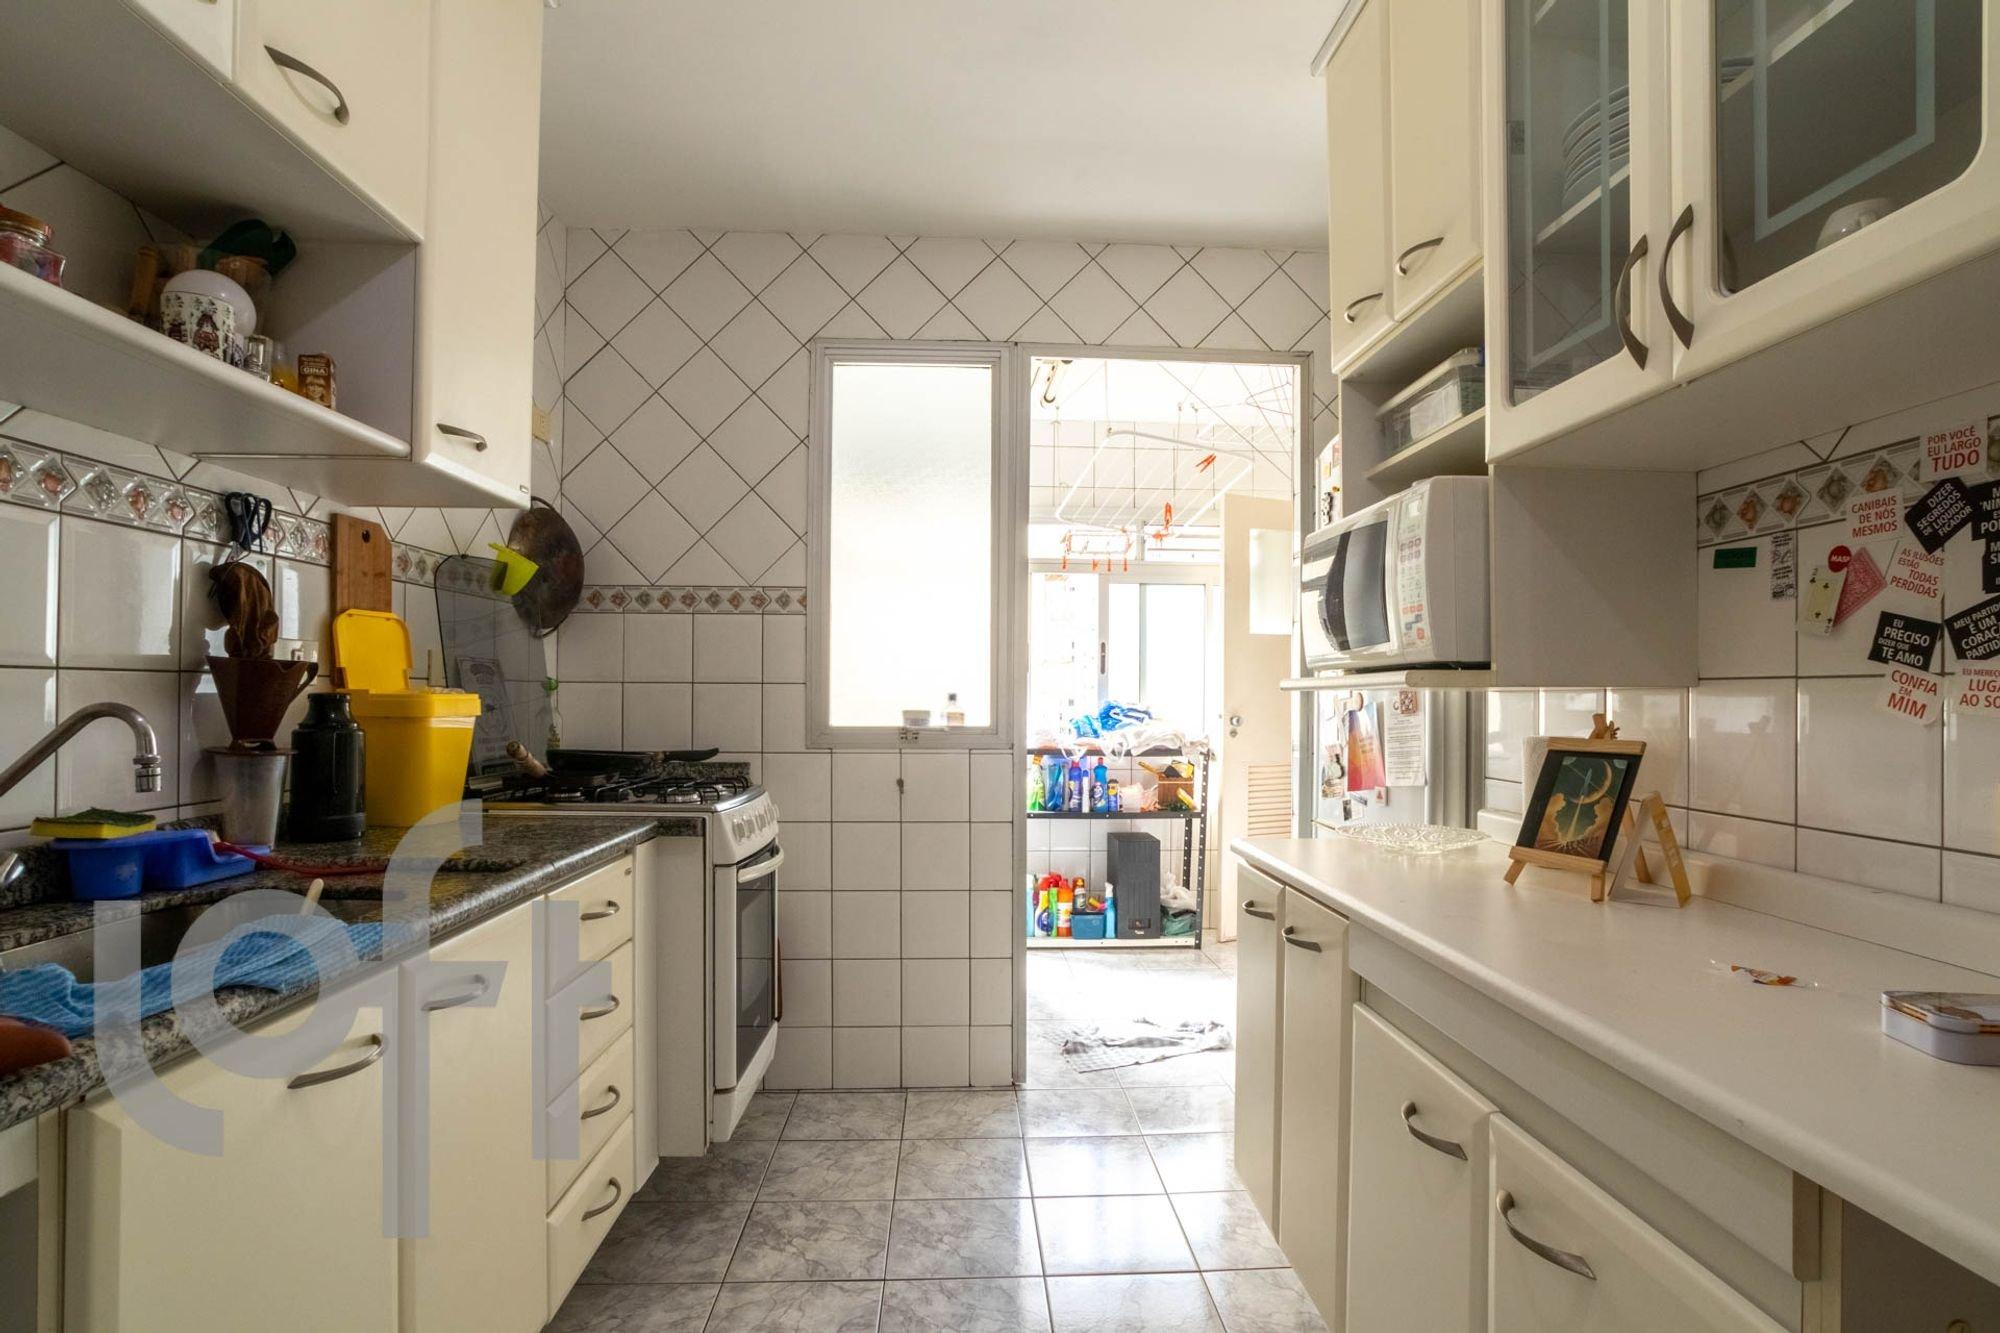 Foto de Cozinha com forno, microondas, xícara